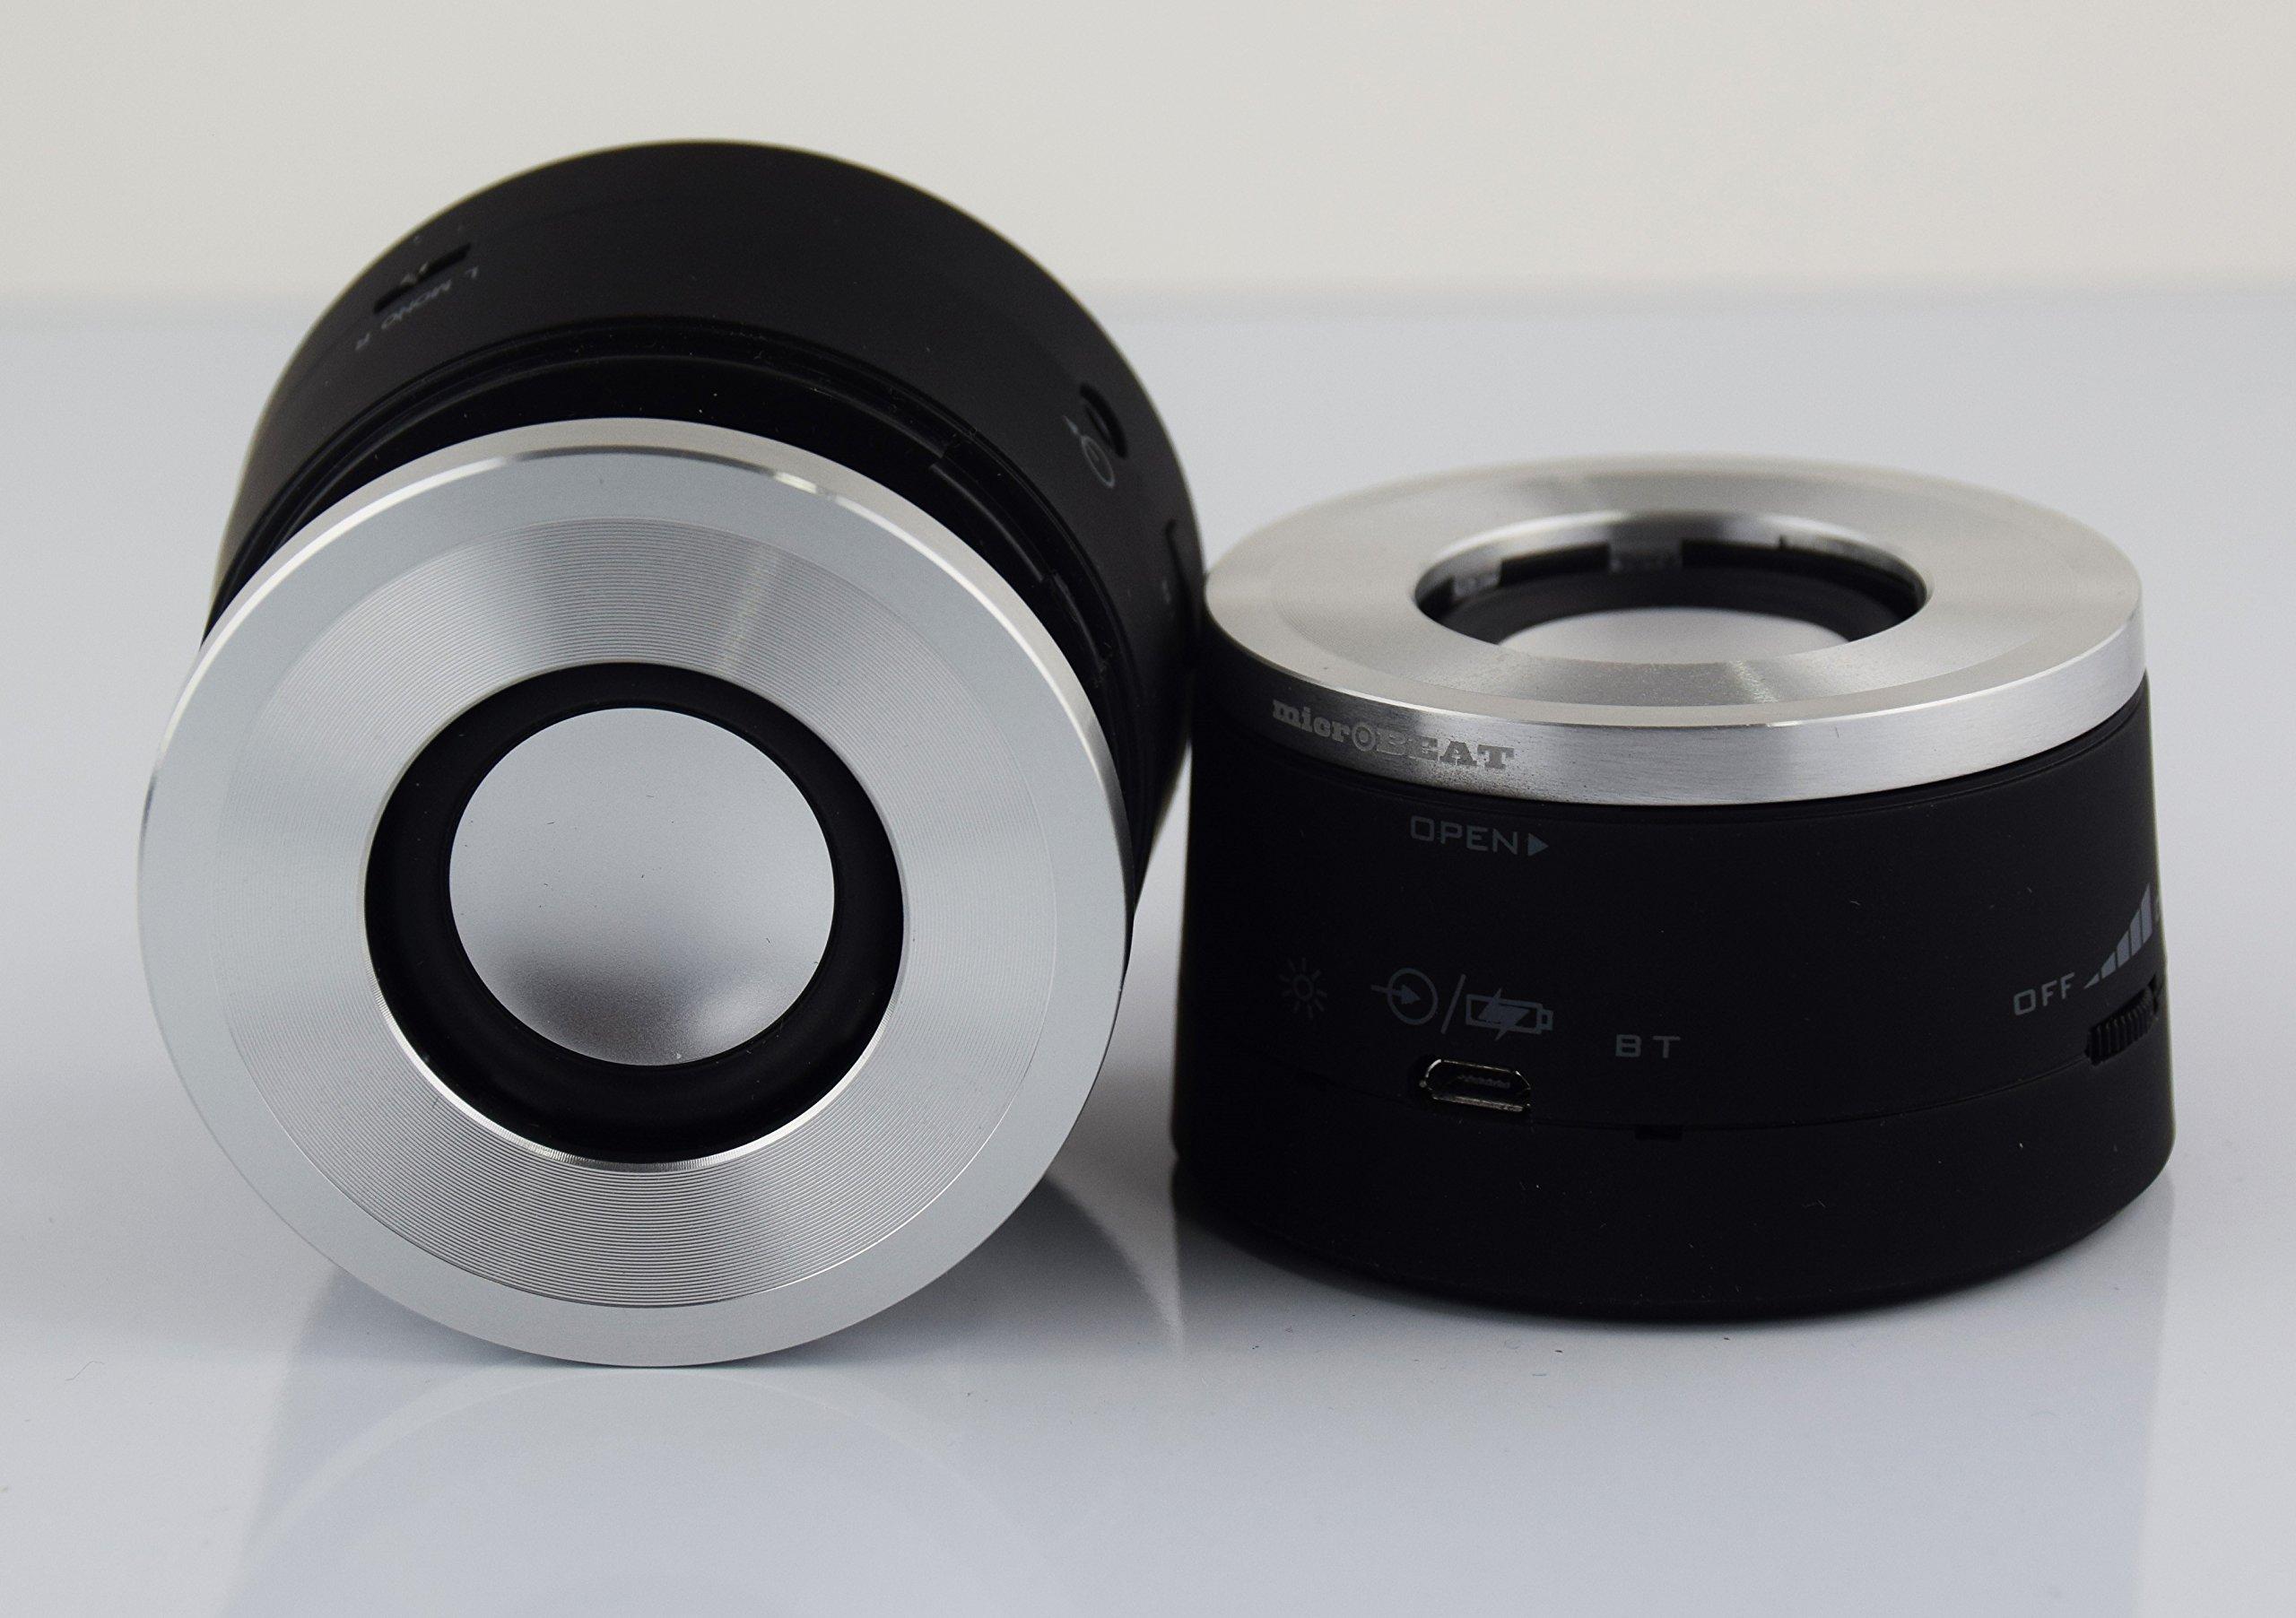 DJP MicroBEAT DJP Speaker System IN SILVER: Pack of 2 stereo wireless speakers (Bluetooth, 3D Sound Effect) by SECUWARE